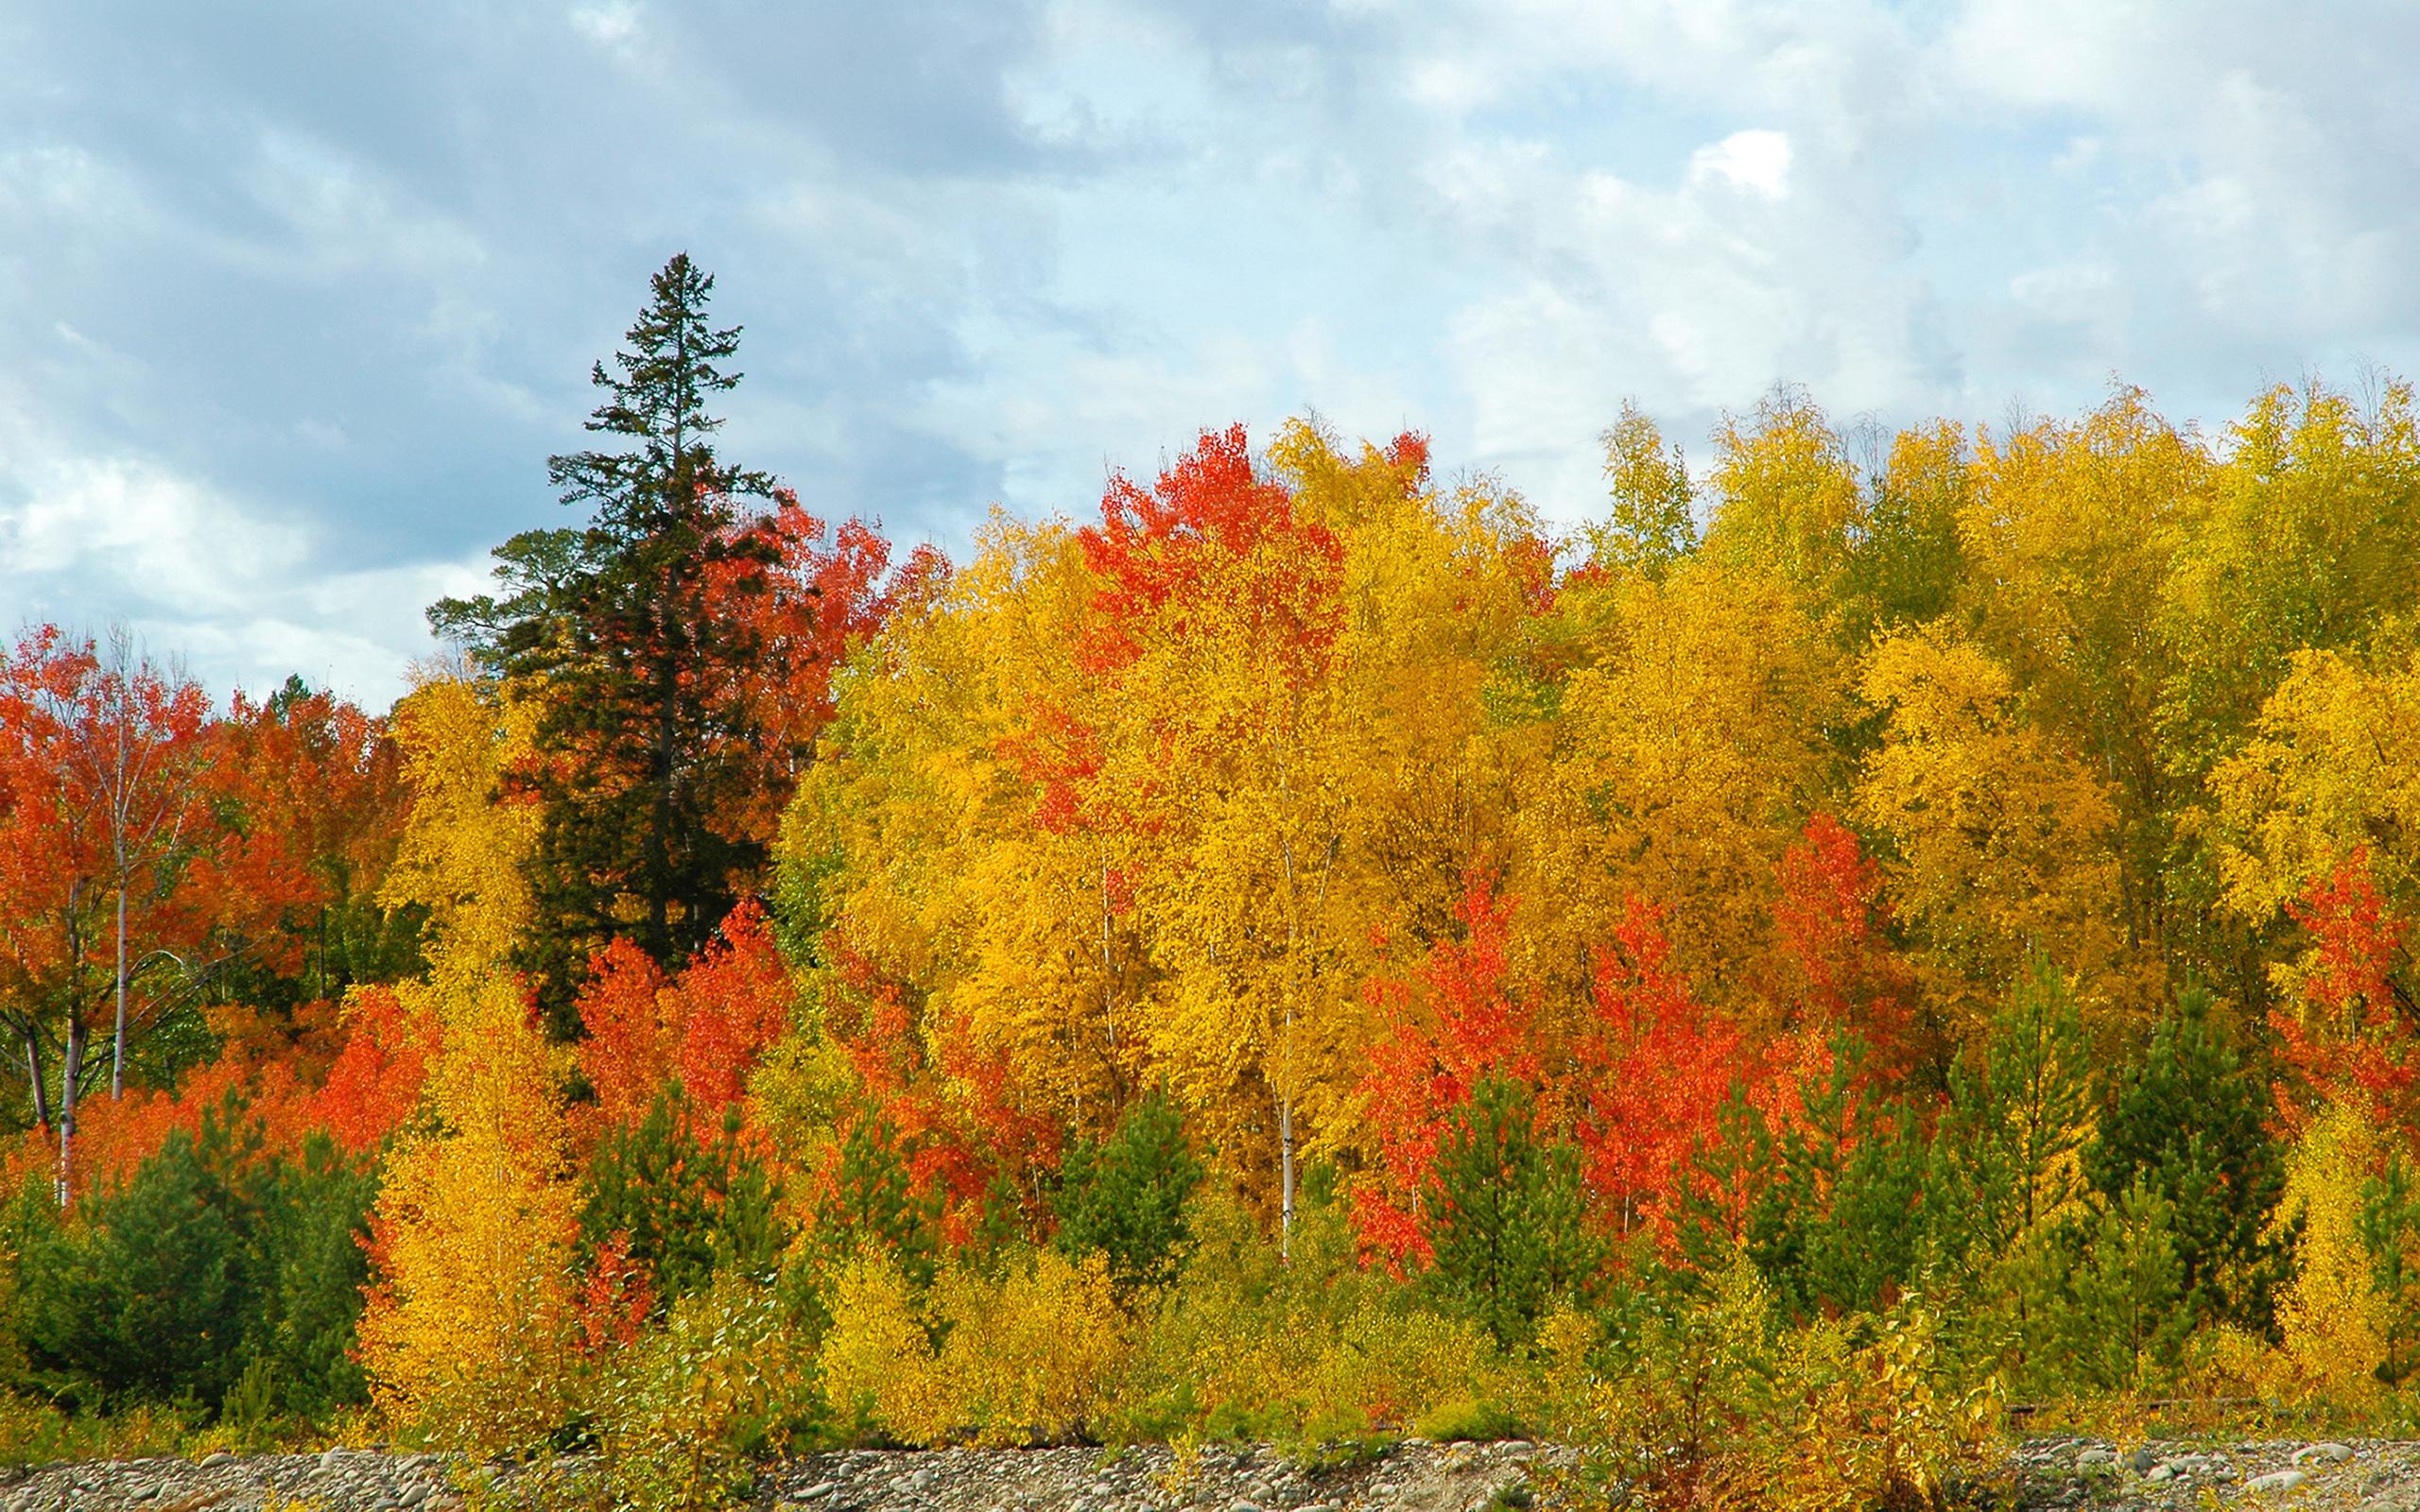 Golden autumn pine trees sky forest birch wallpaper 2560x1600 2560x1600